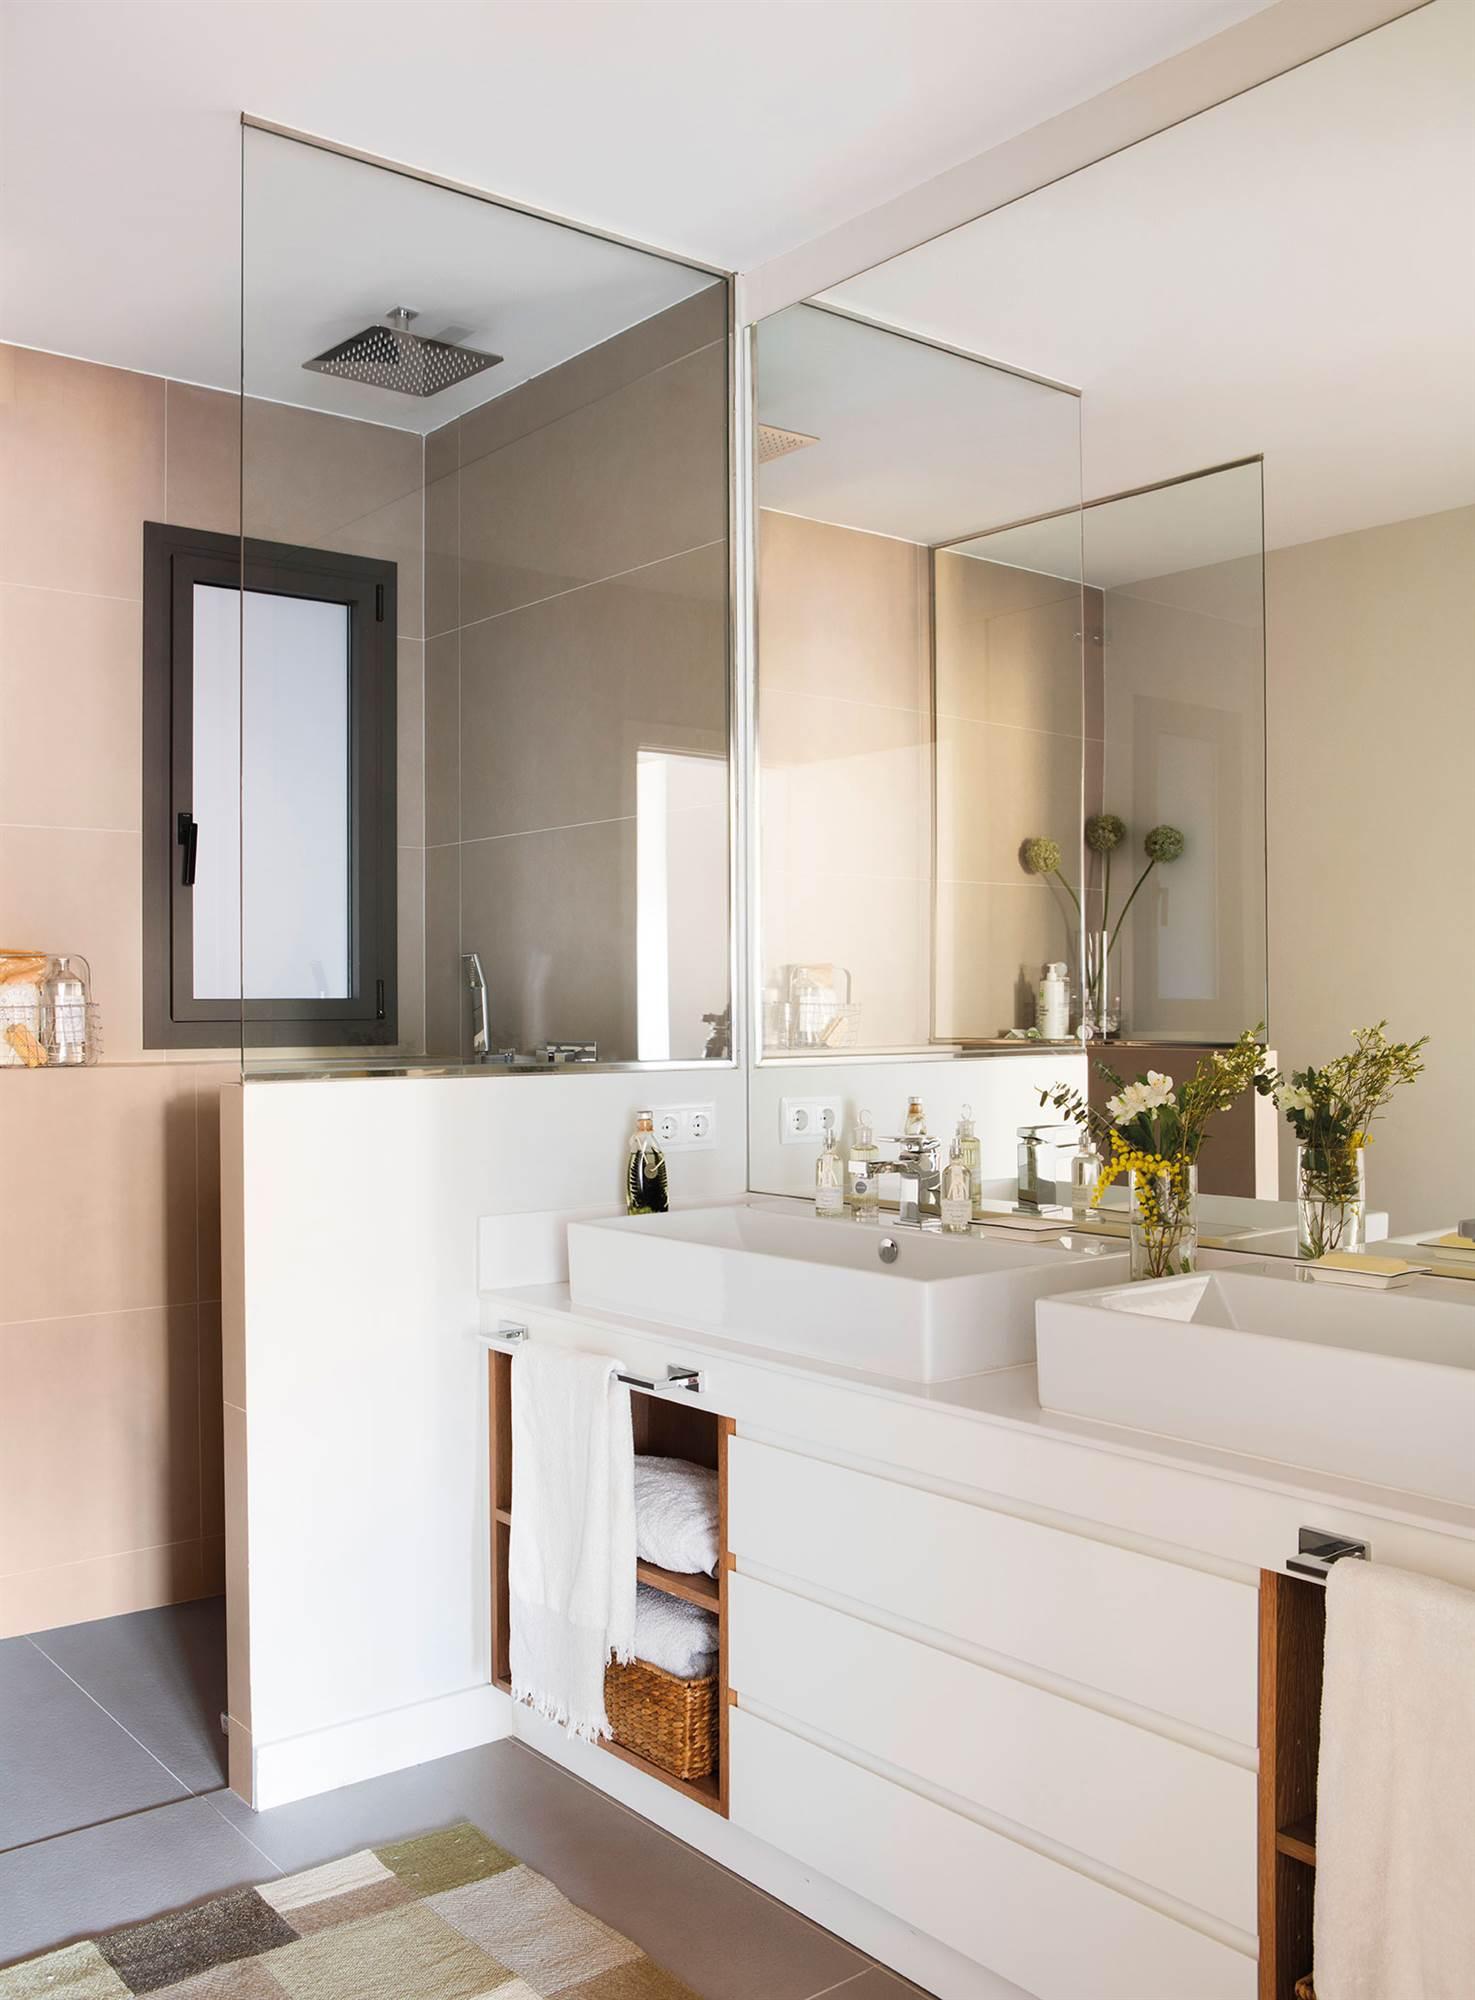 Muebles de bao dos lavabos cool muebles de bao originales with muebles de bao dos lavabos - Aki espejos bano ...